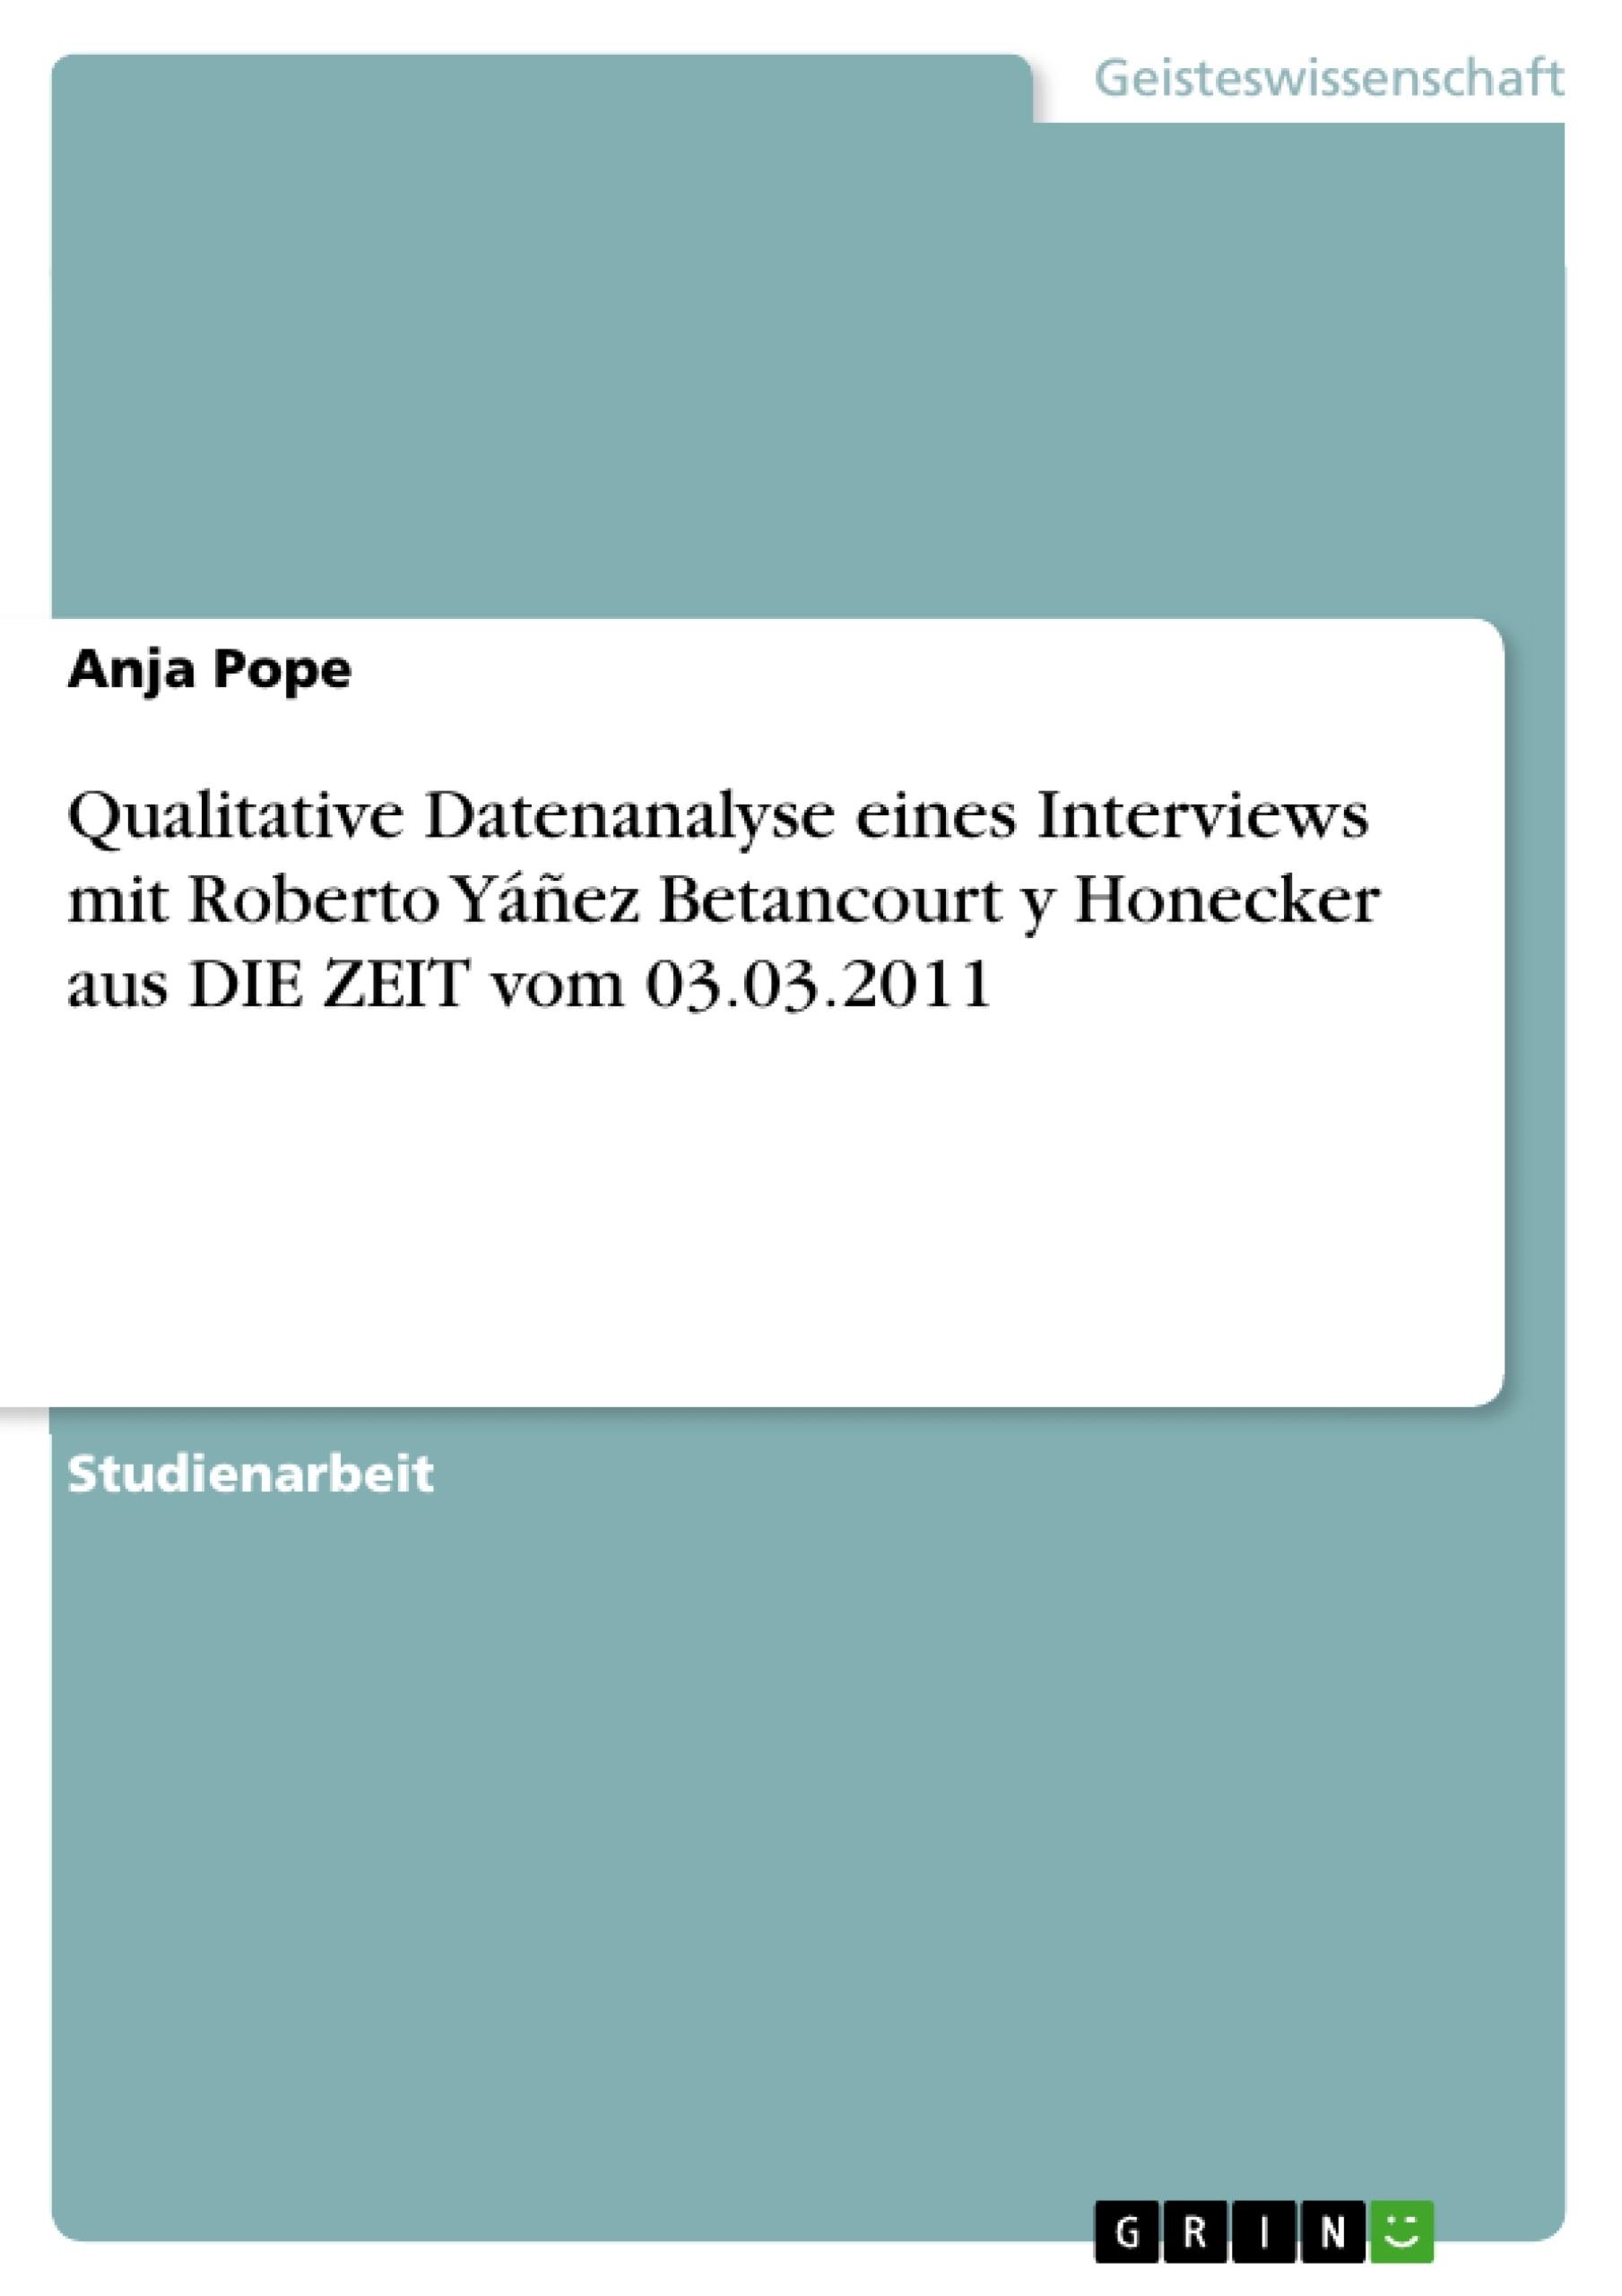 Titel: Qualitative Datenanalyse eines Interviews mit Roberto Yáñez Betancourt y Honecker aus DIE ZEIT vom 03.03.2011